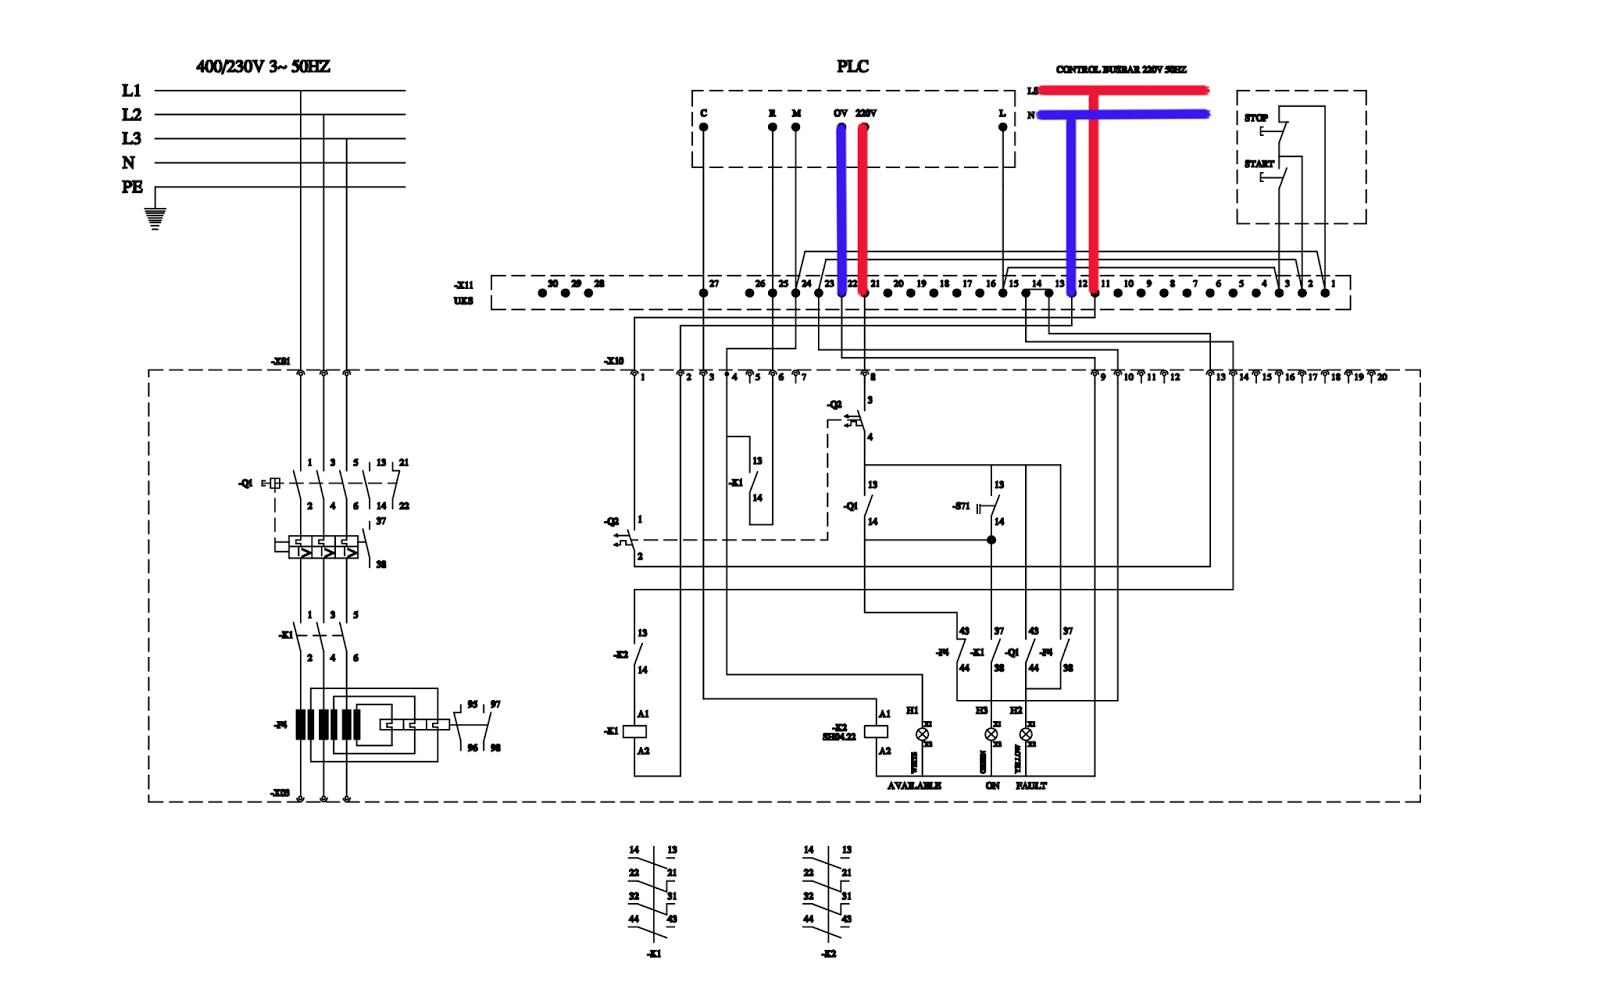 contoh wiring diagram plc